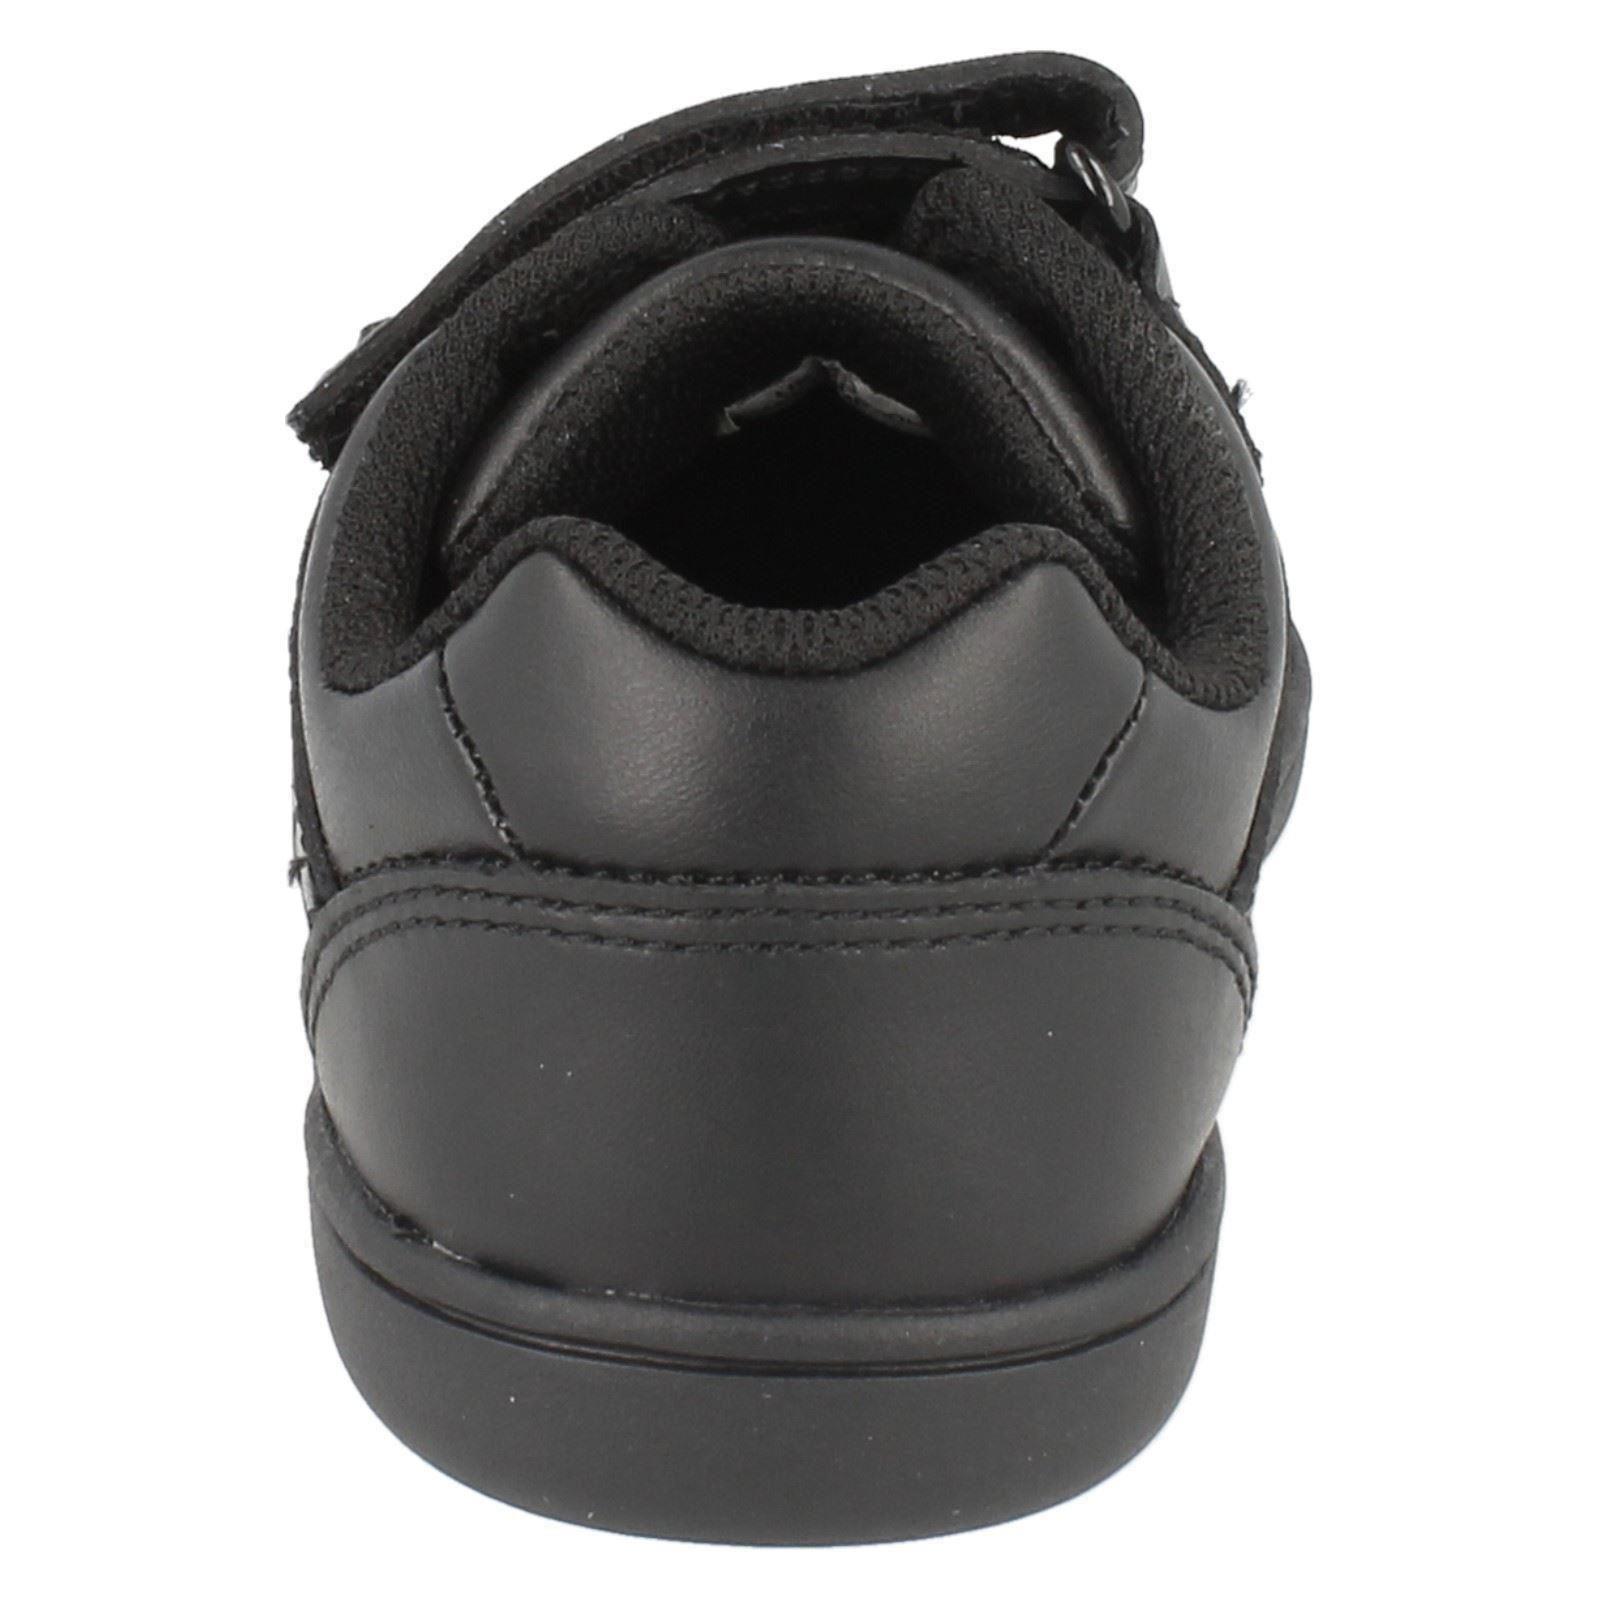 BNIB Clarks Boys Holbay Go Black Leather School Shoes F//G//H Fitting